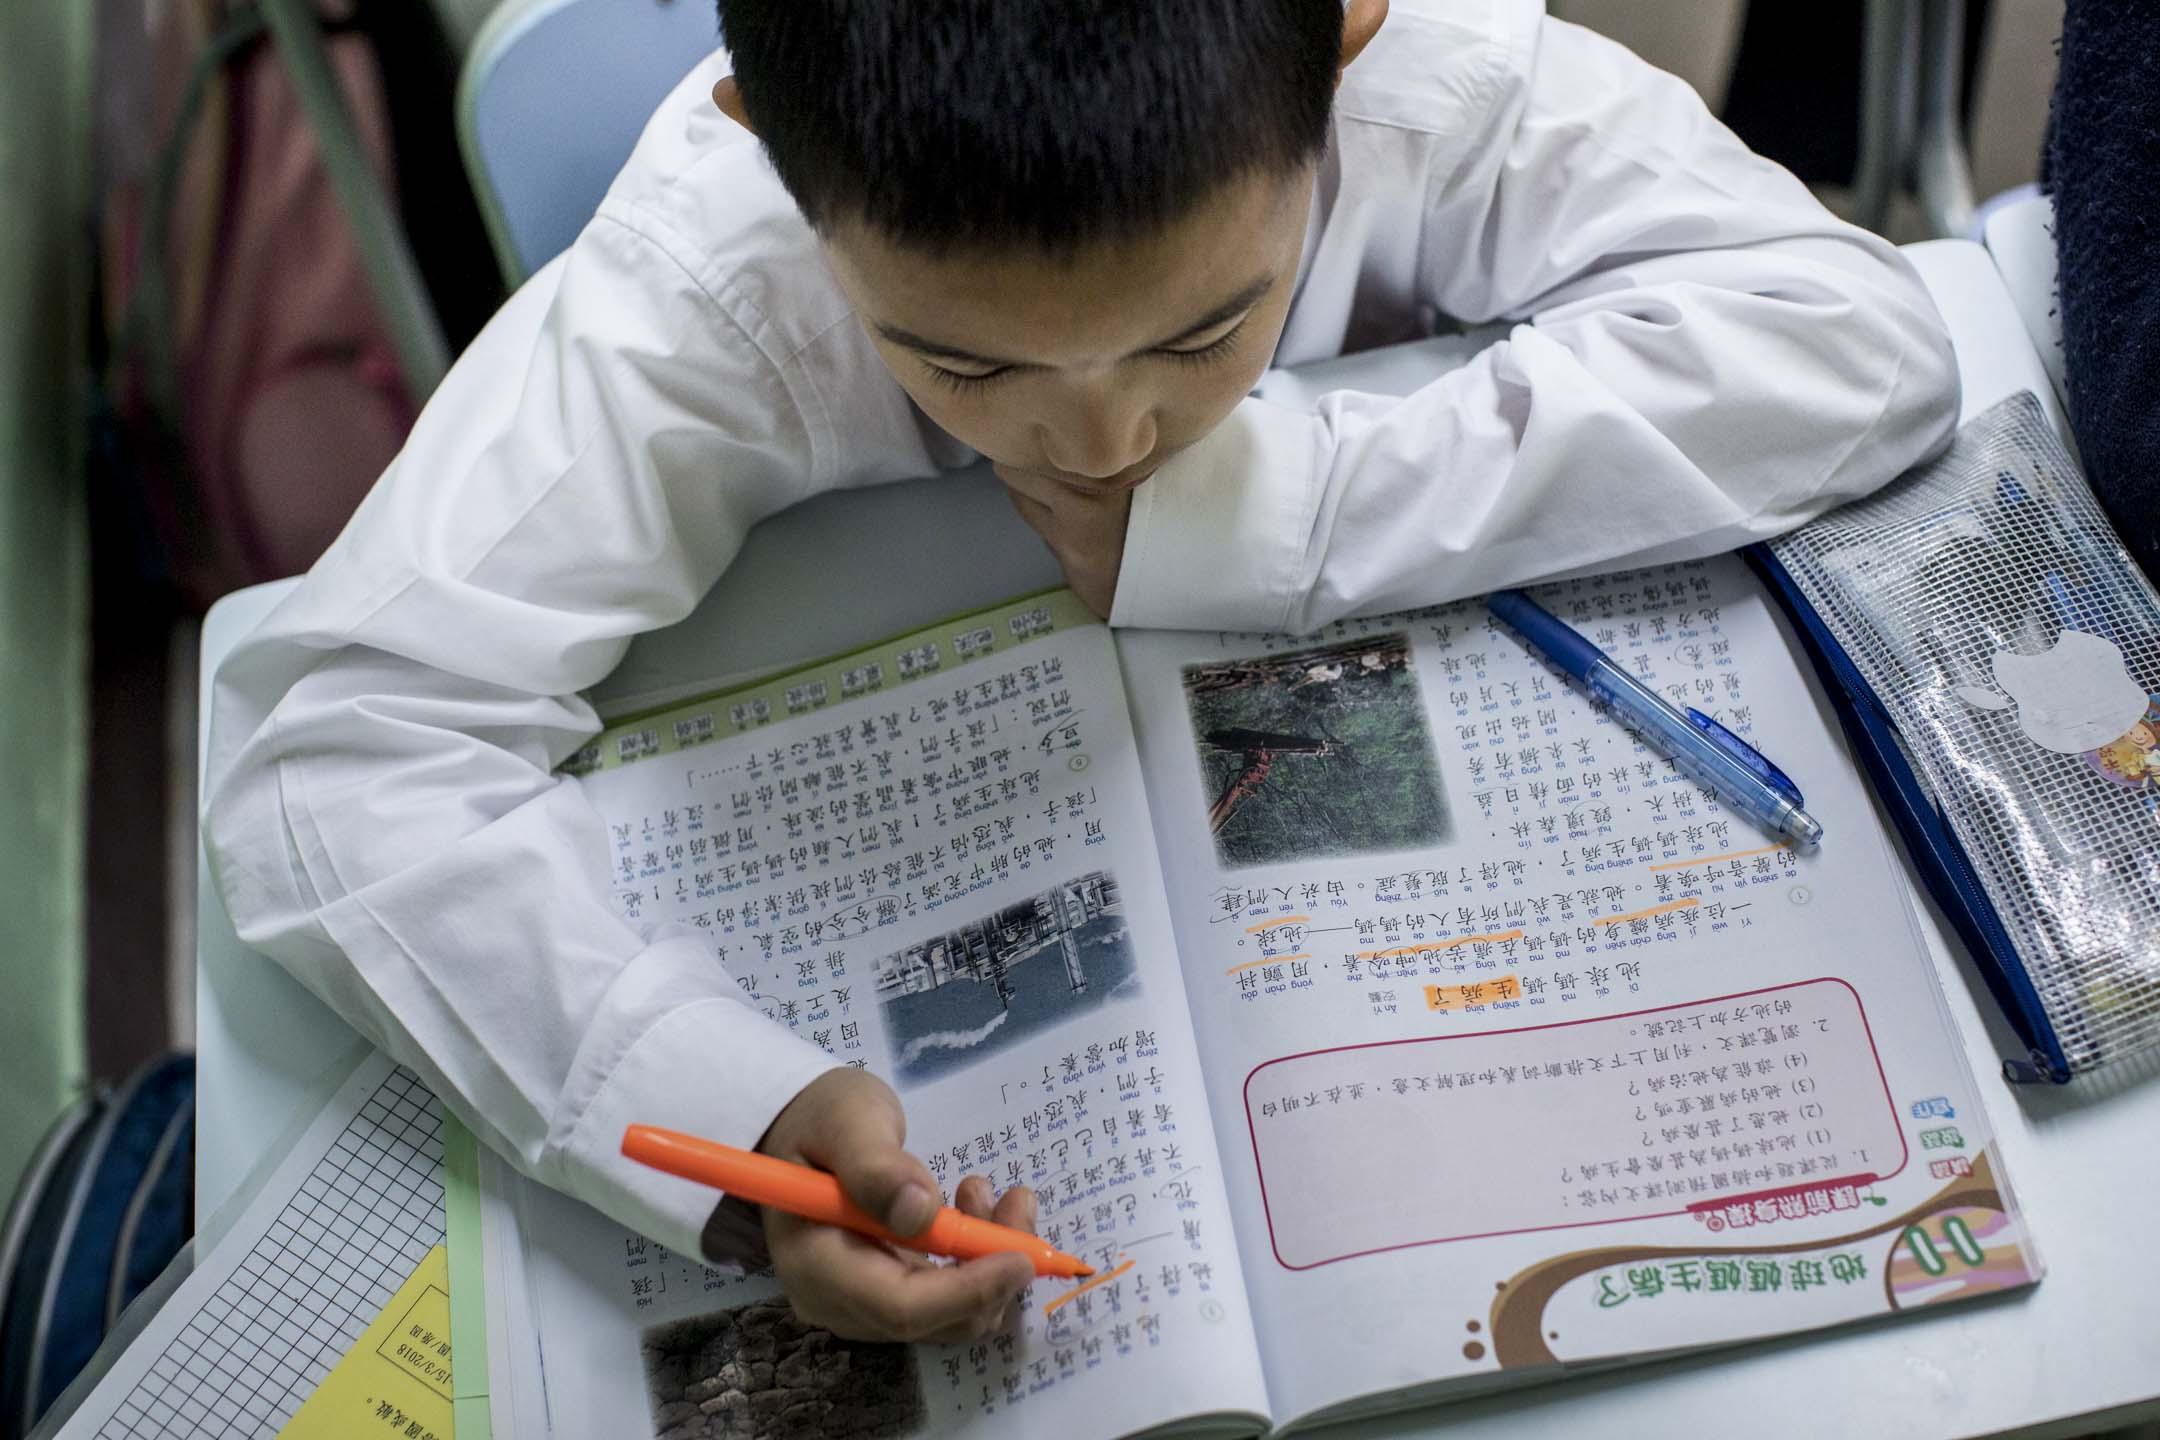 「普教中」熱潮近年似乎稍微減退了一些。根據「港語學」統計,2015/2016學年,參與「普教中」的中小學數目出現首次回落苗頭。圖為沙田崇真学校的學生正在上「普教中」。 攝:Stanley Leung/端傳媒